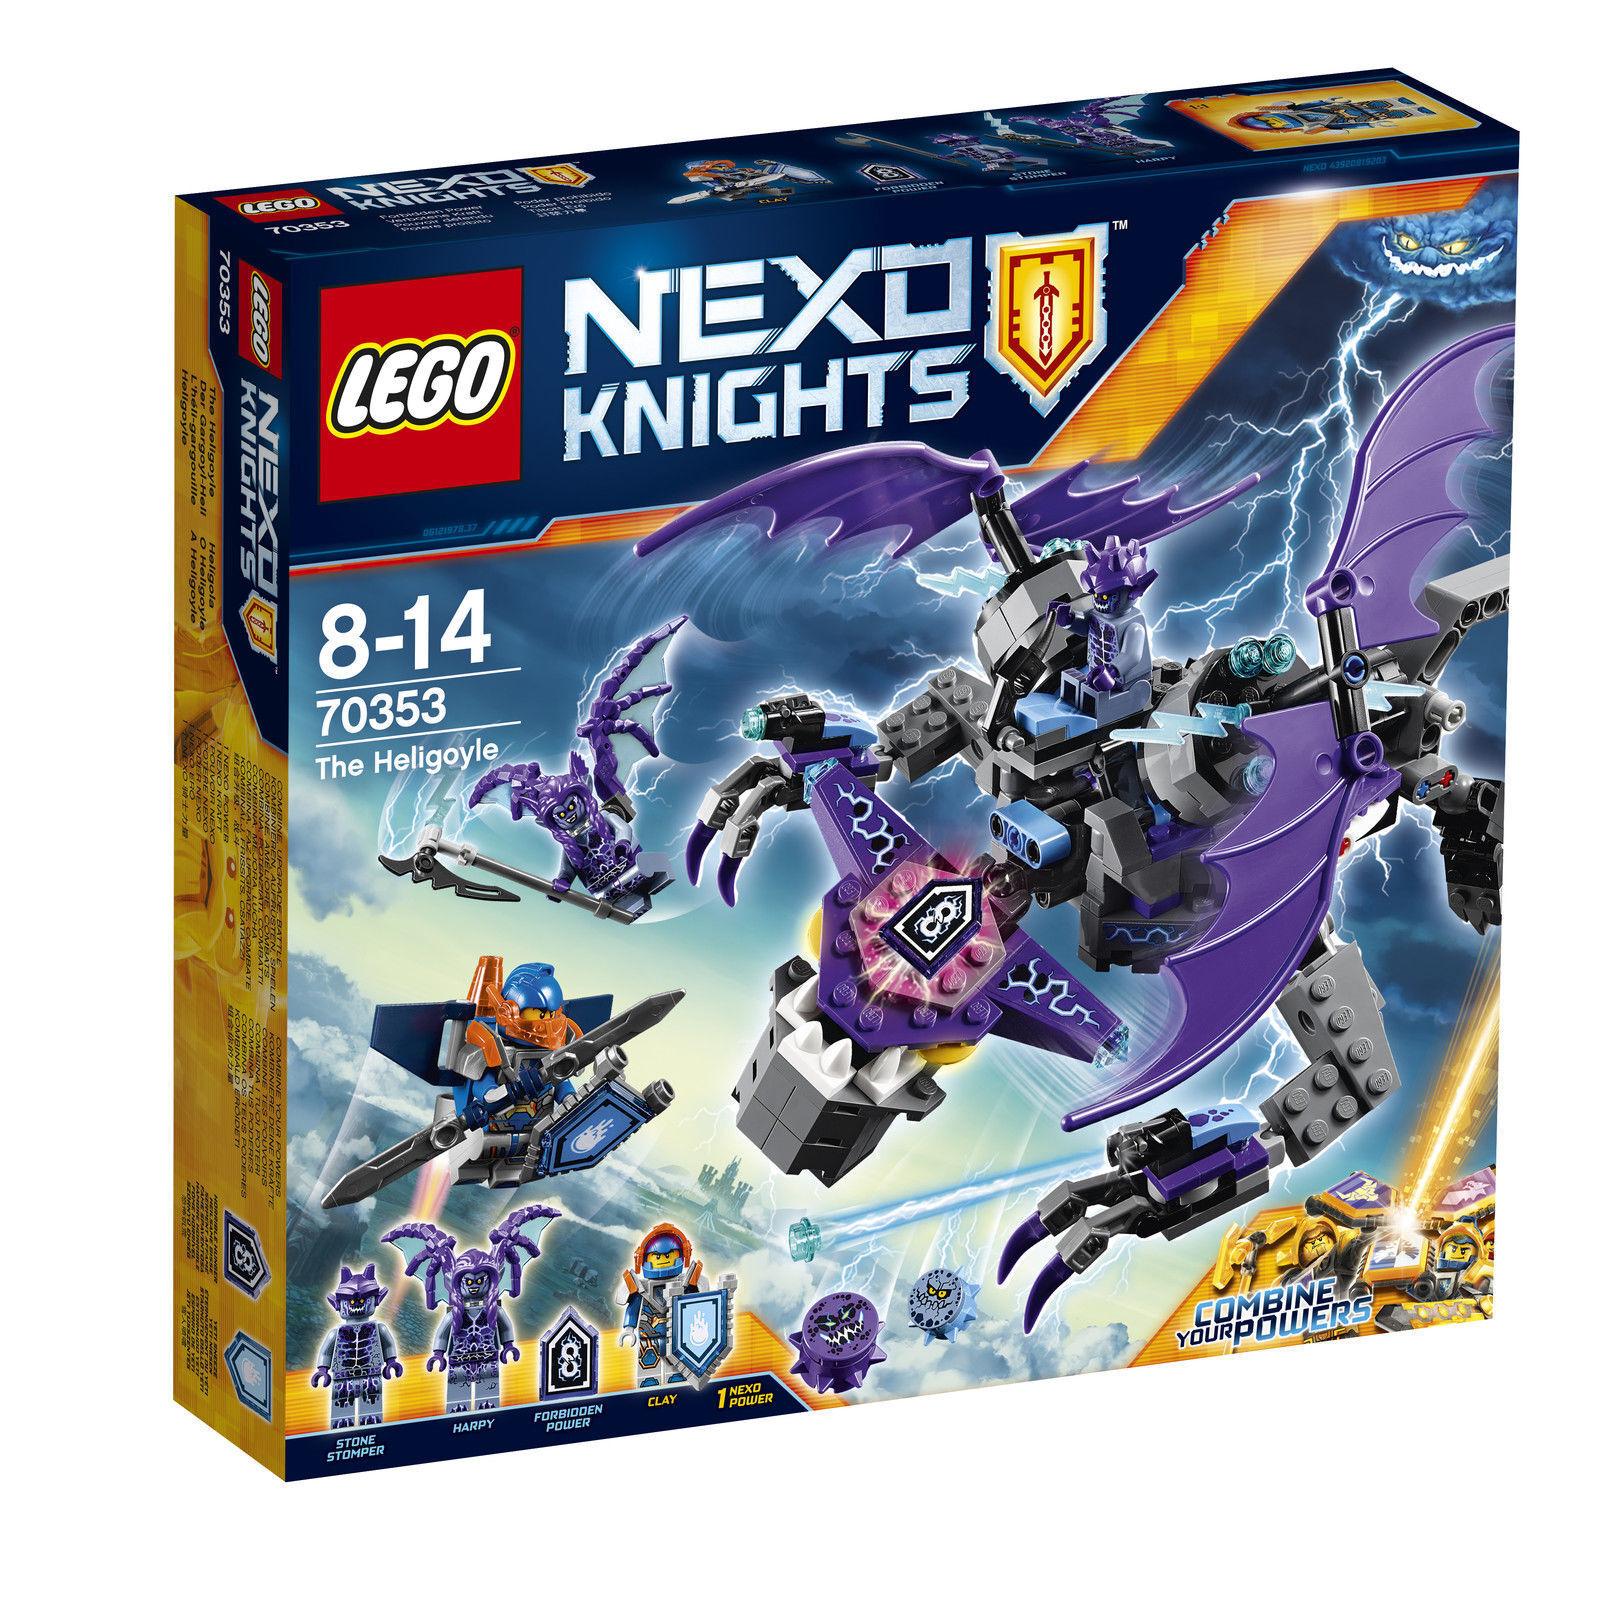 LEGO NEXO KNIGHTS 70353 Der Gargoyl-Heli (70353)